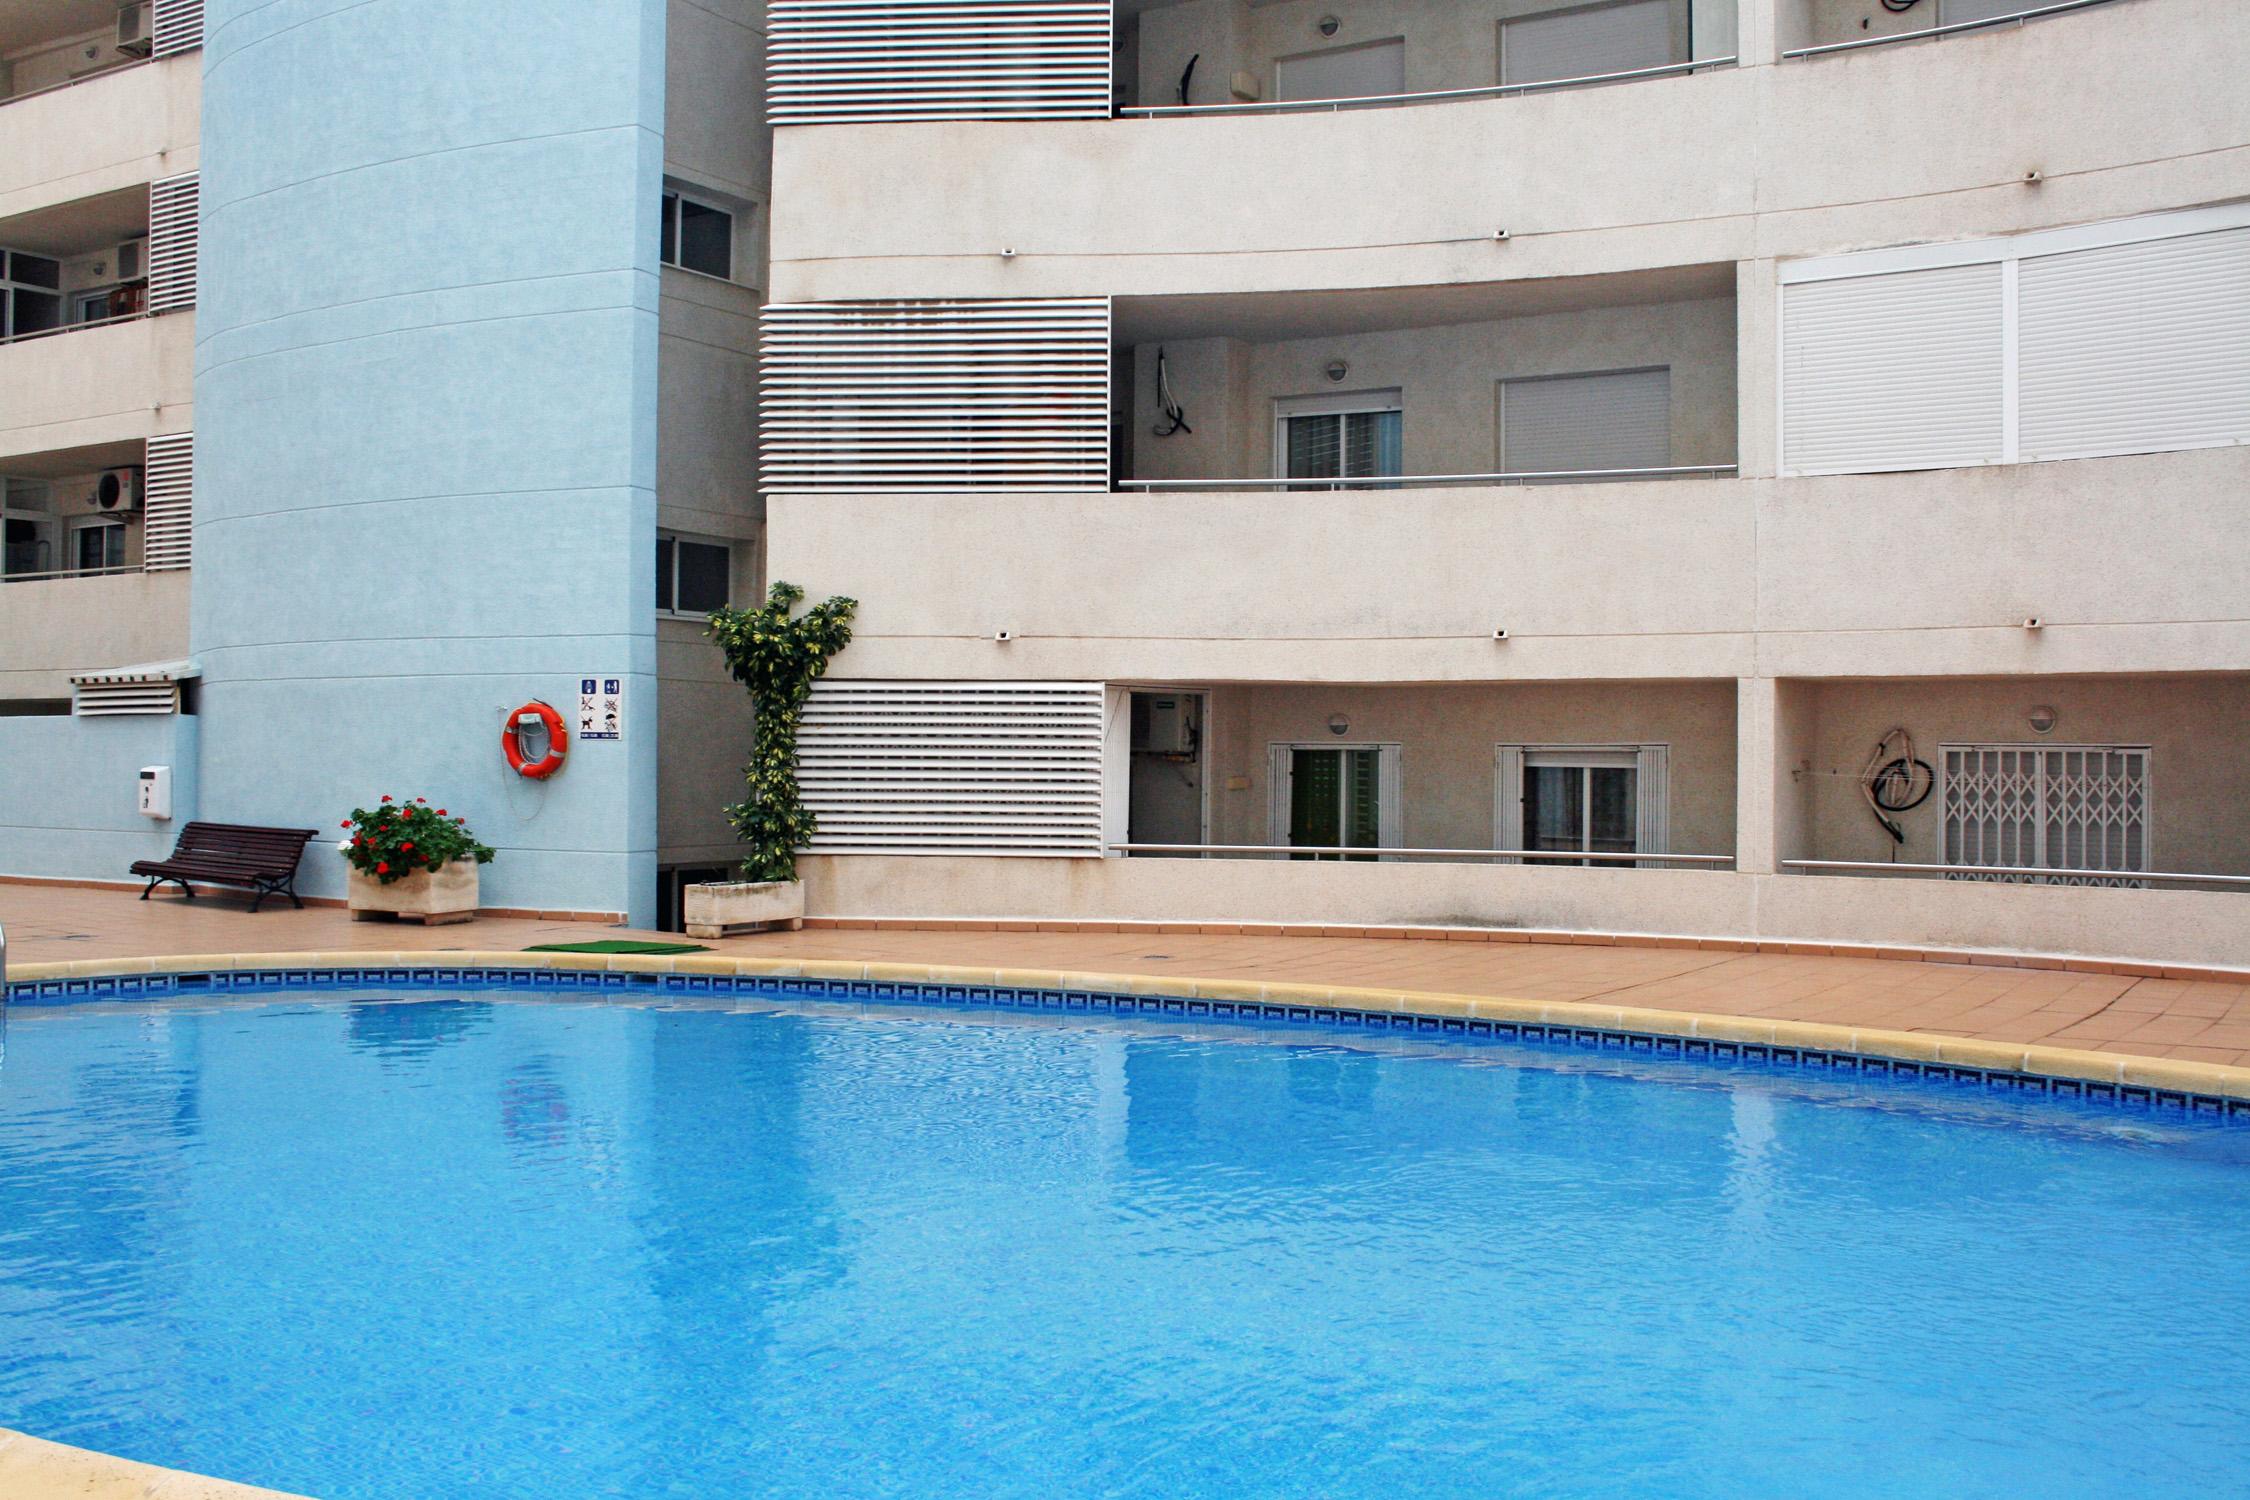 Appartement albamar calpe en location saisonni re for Acheter une maison a alicante